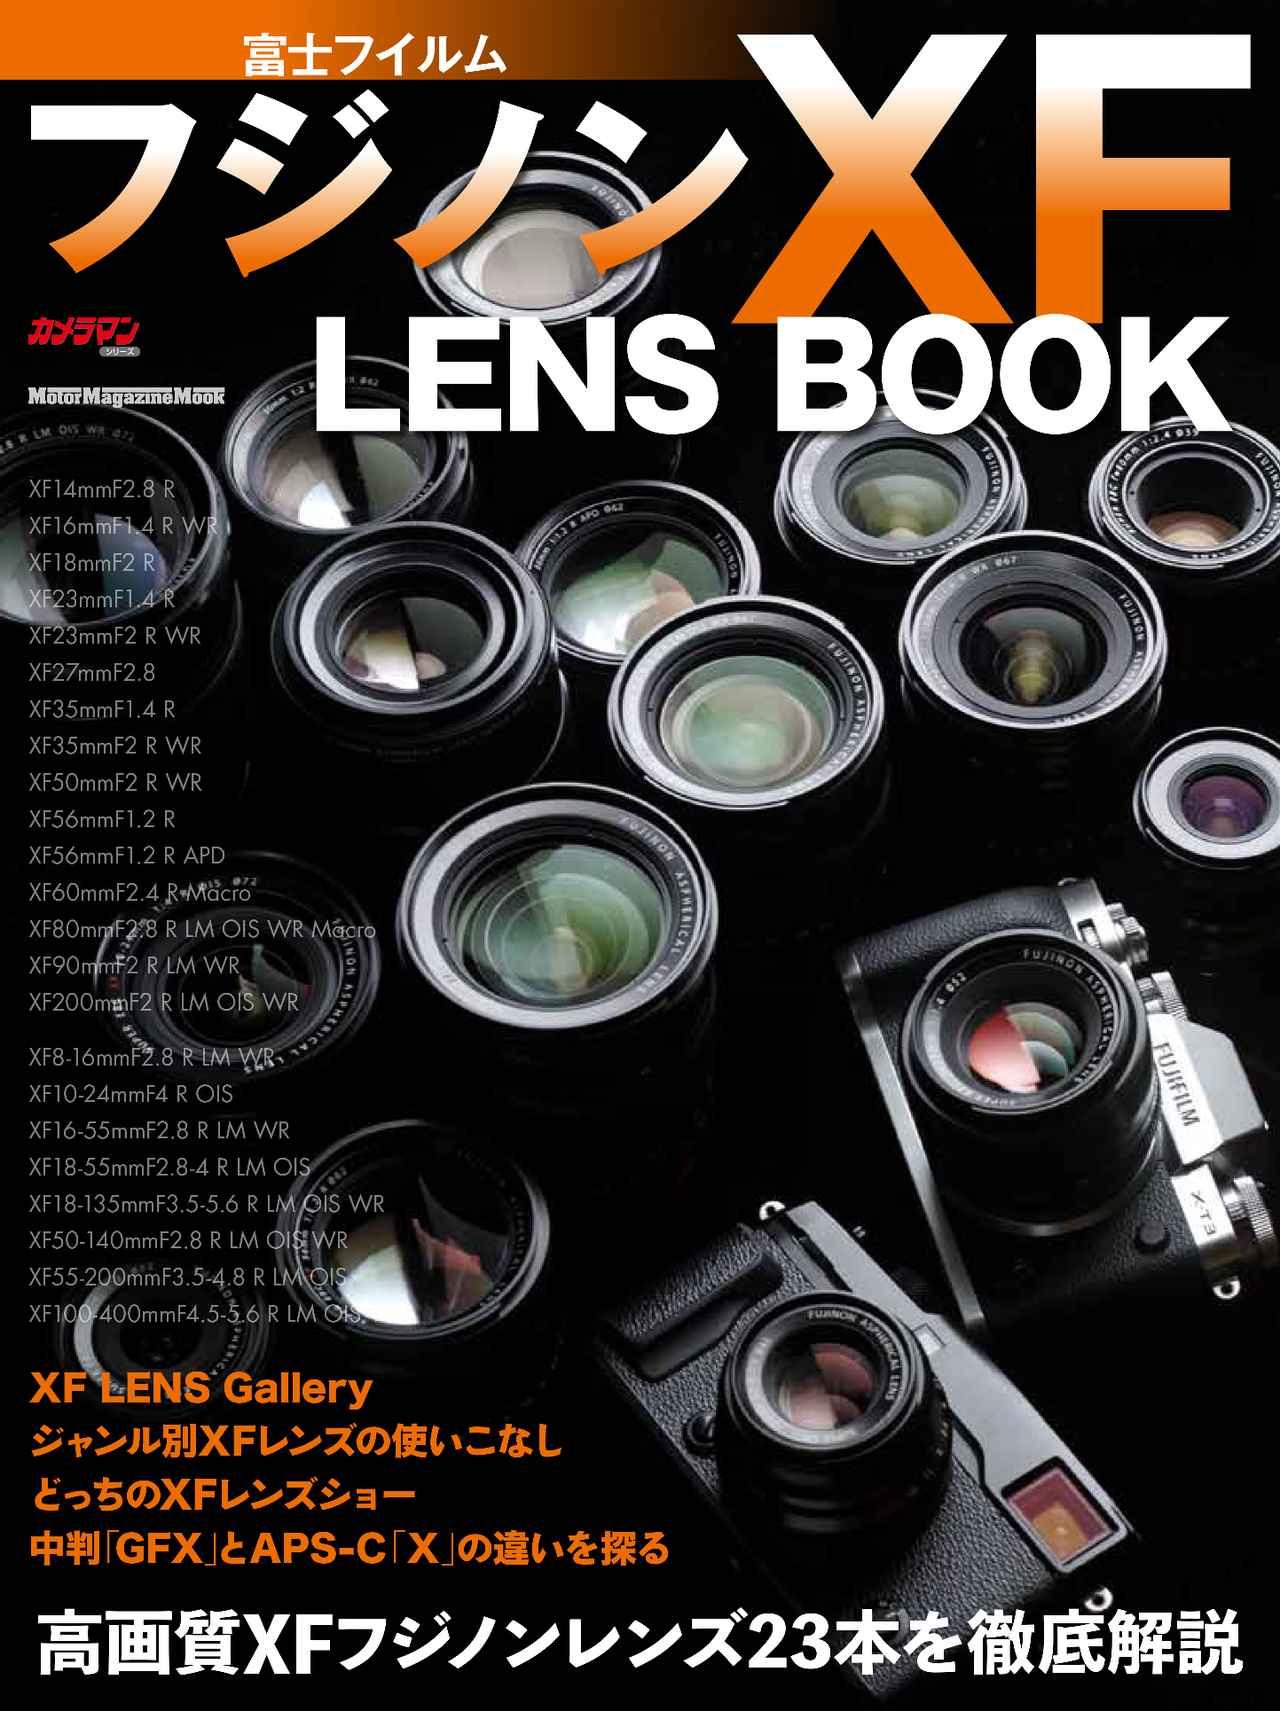 画像: レンズムック『富士フイルム フジノンXF LENS BOOK』発売です!